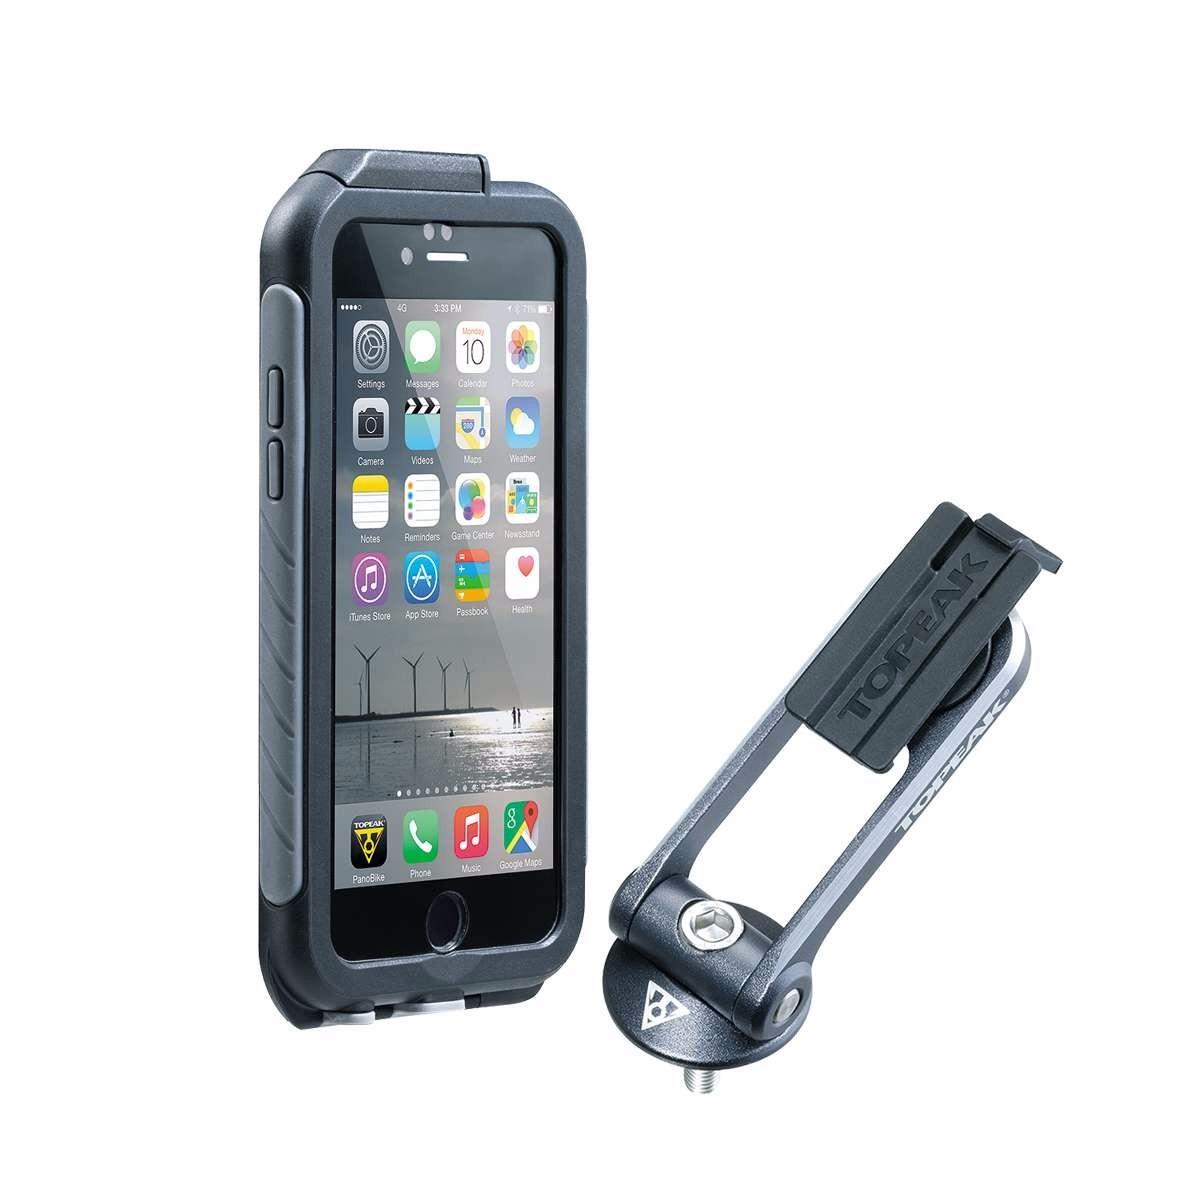 fdf1973a9de protector topeak con base para iphone 6/6s plus weatherproof. Cargando zoom.